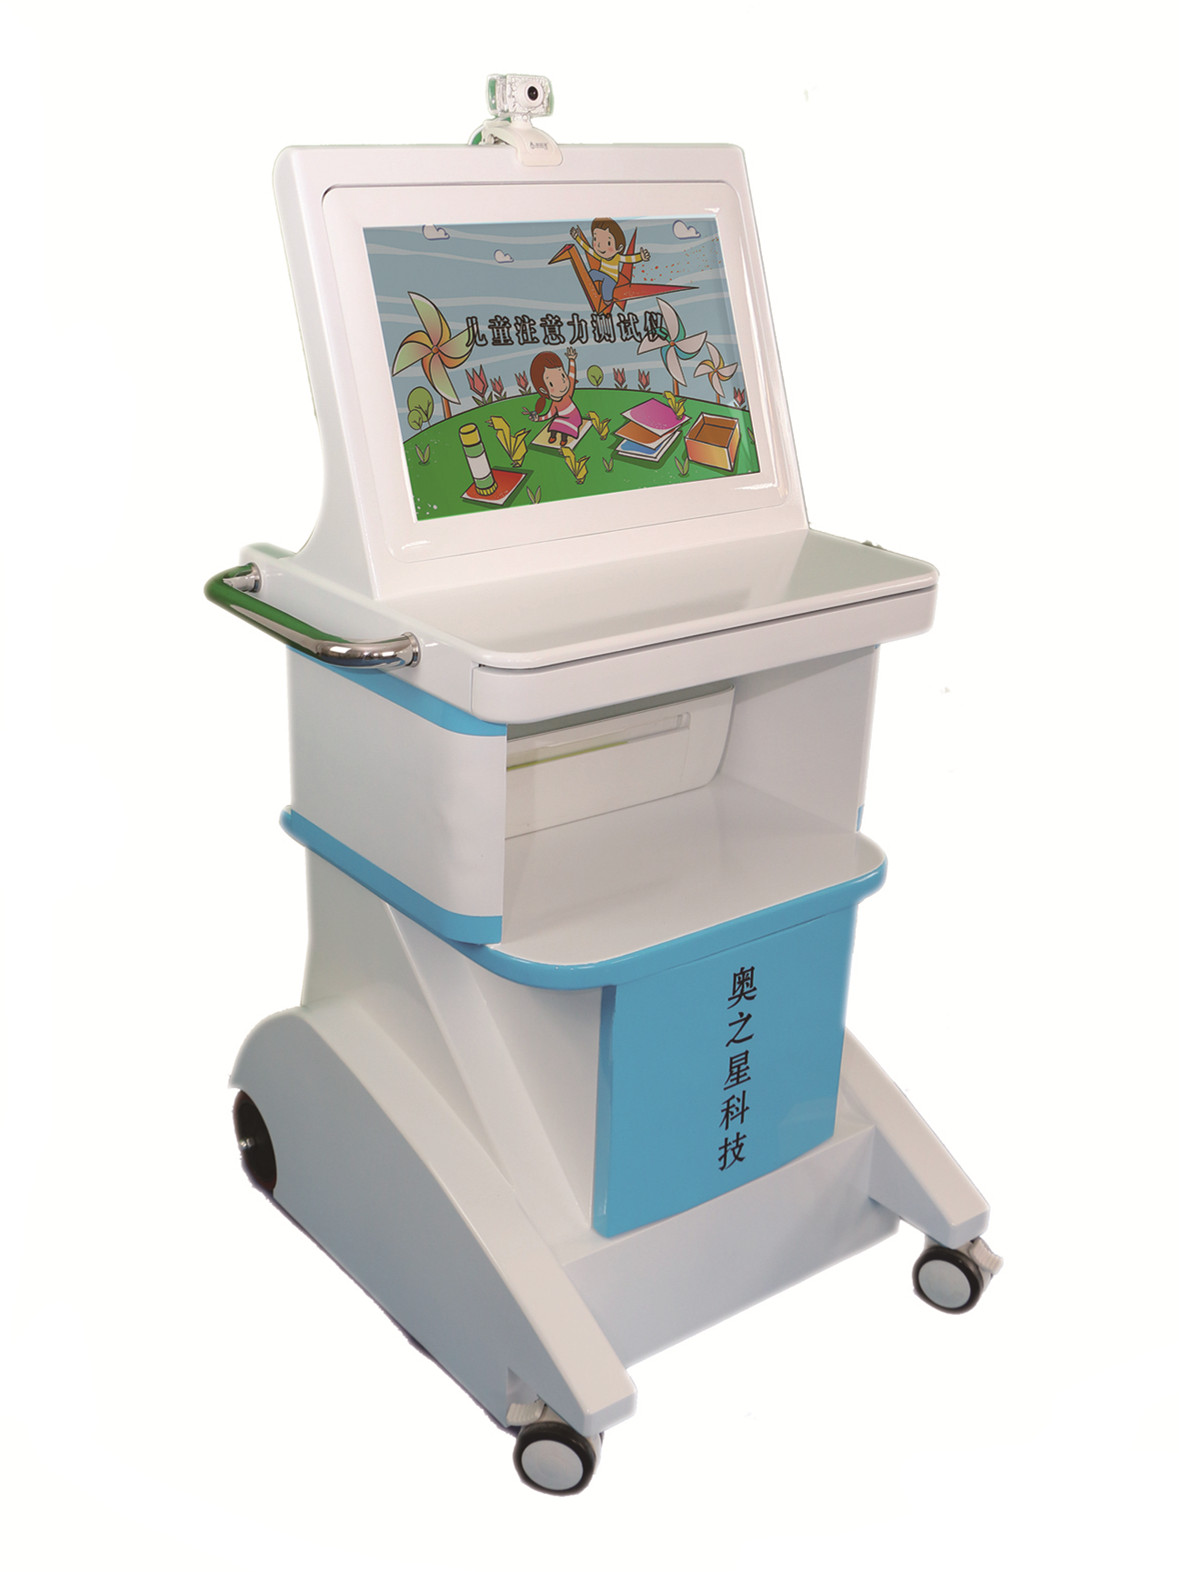 儿童综合素质测试仪 儿童健康管理平台 儿童注意力测试仪